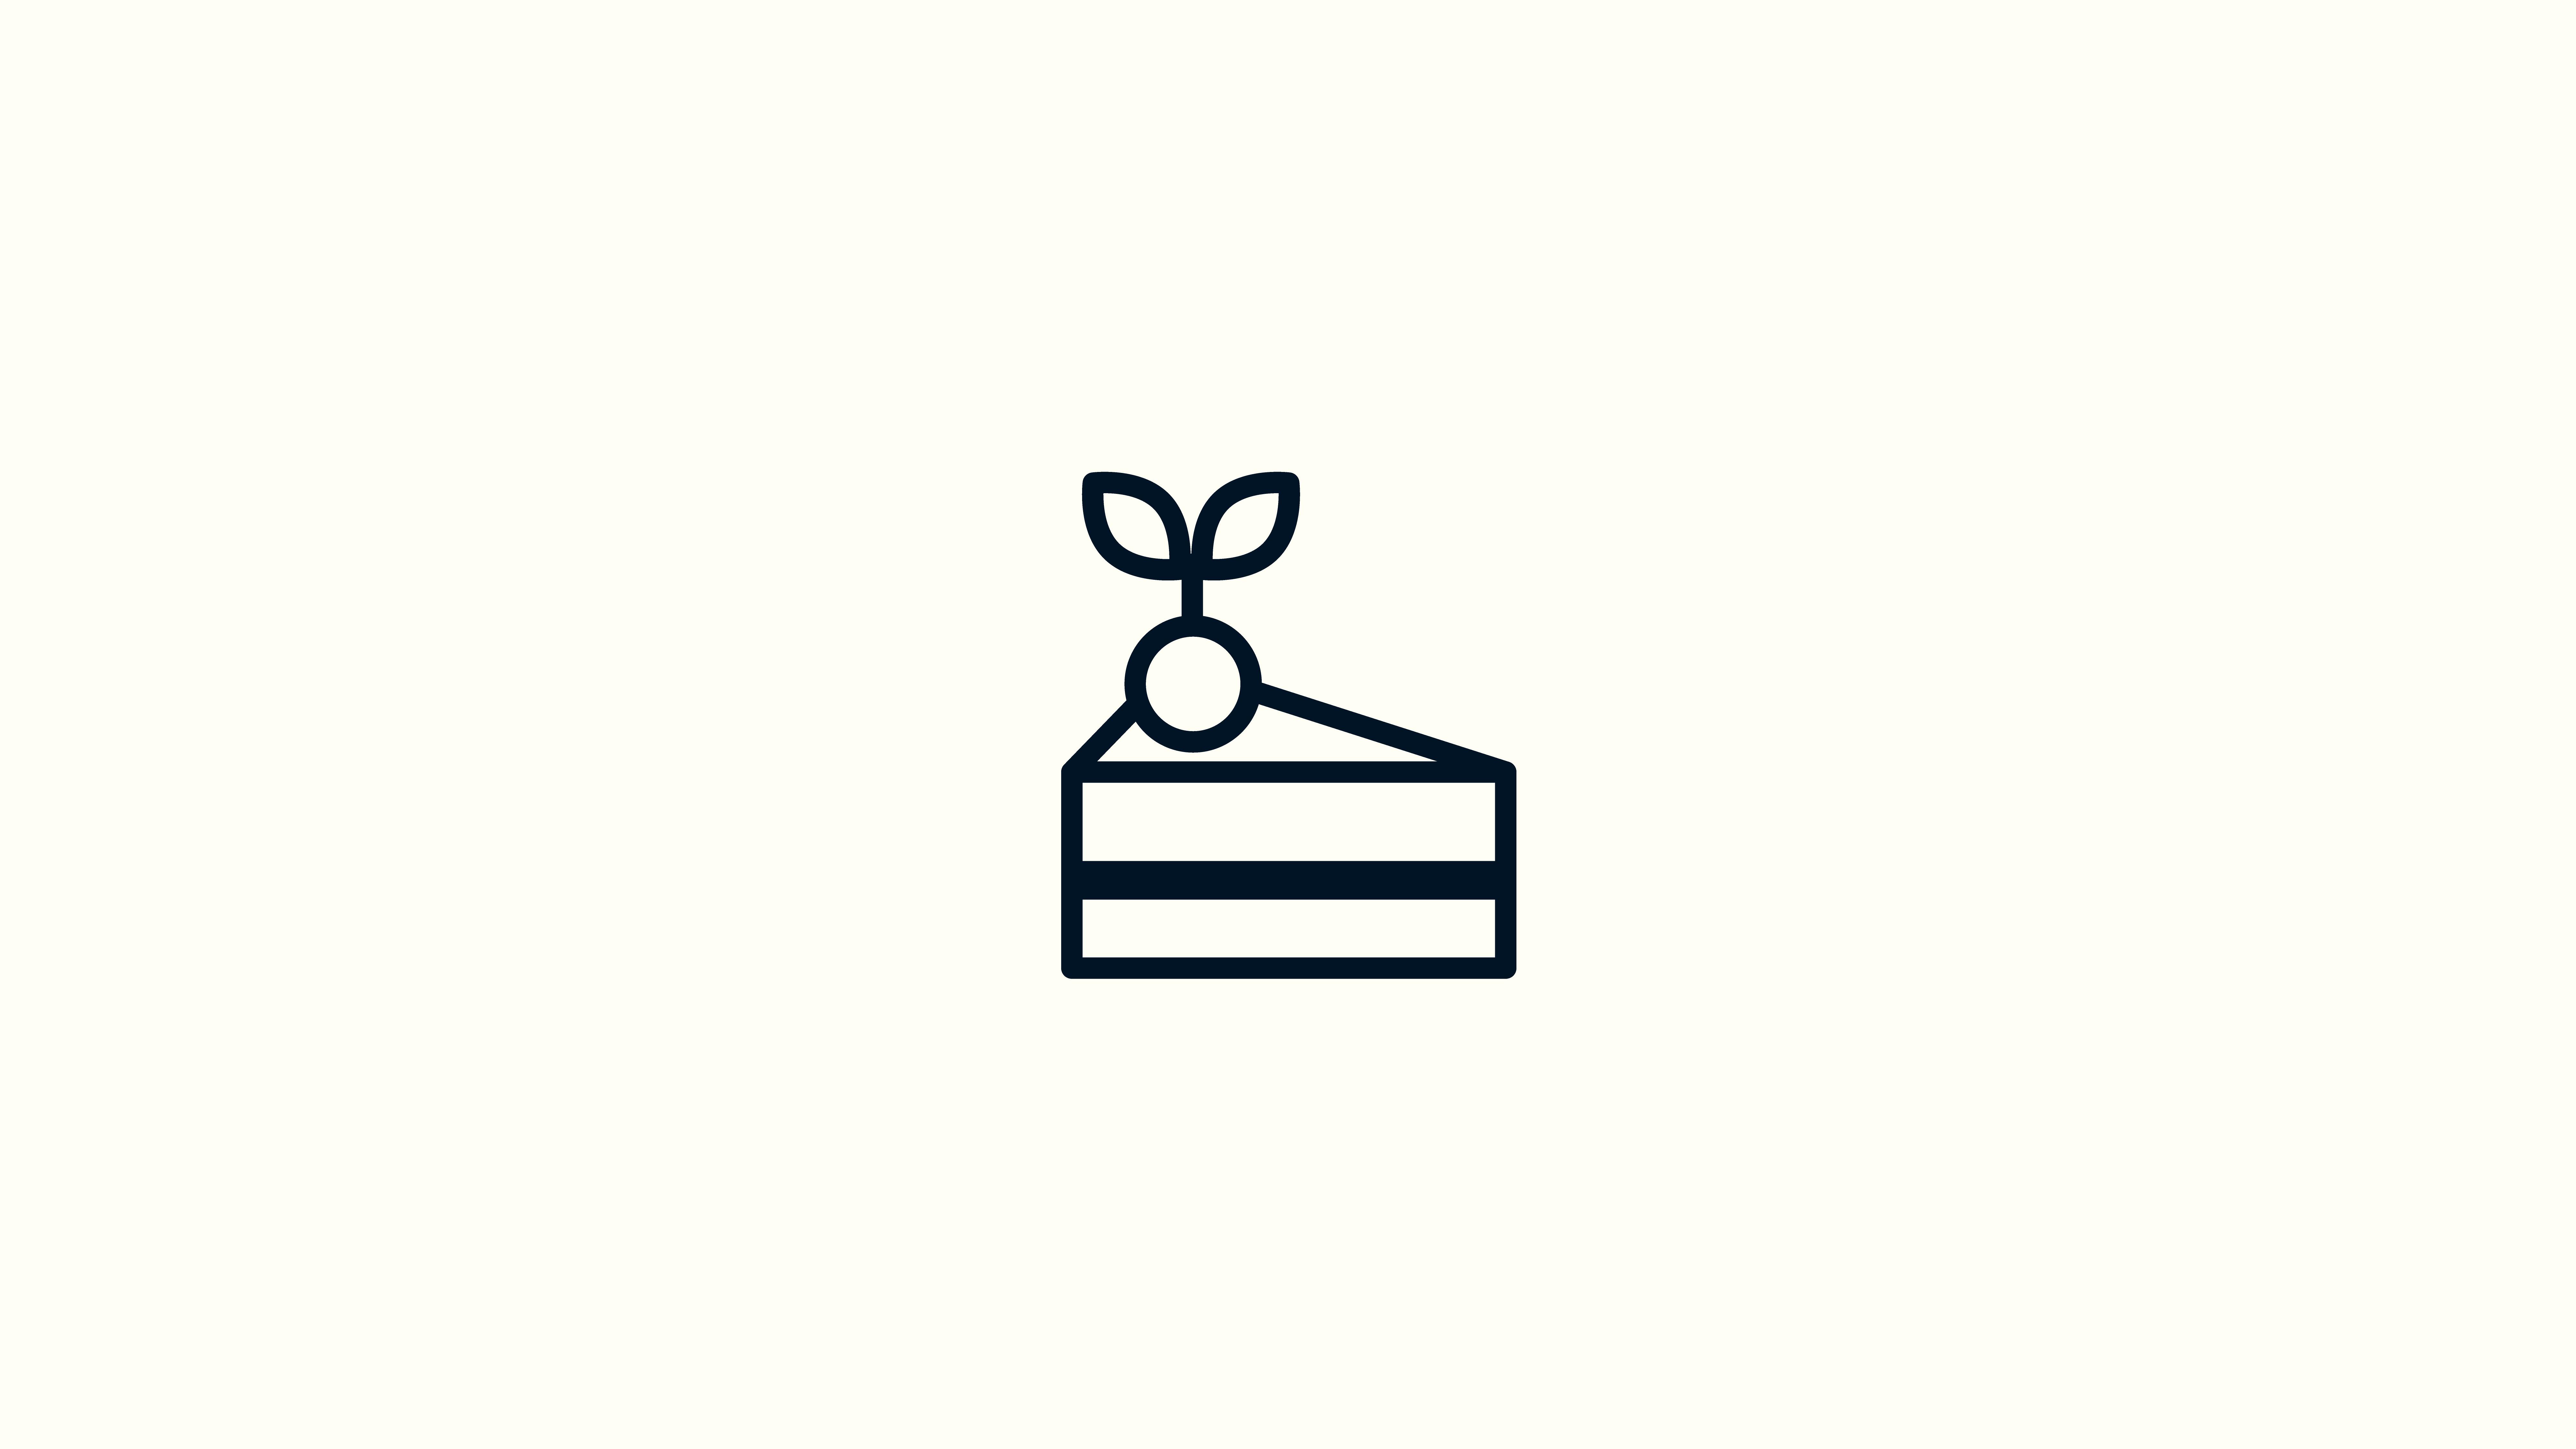 ポラロイドSX-70の誕生日(生産日)の調べ方